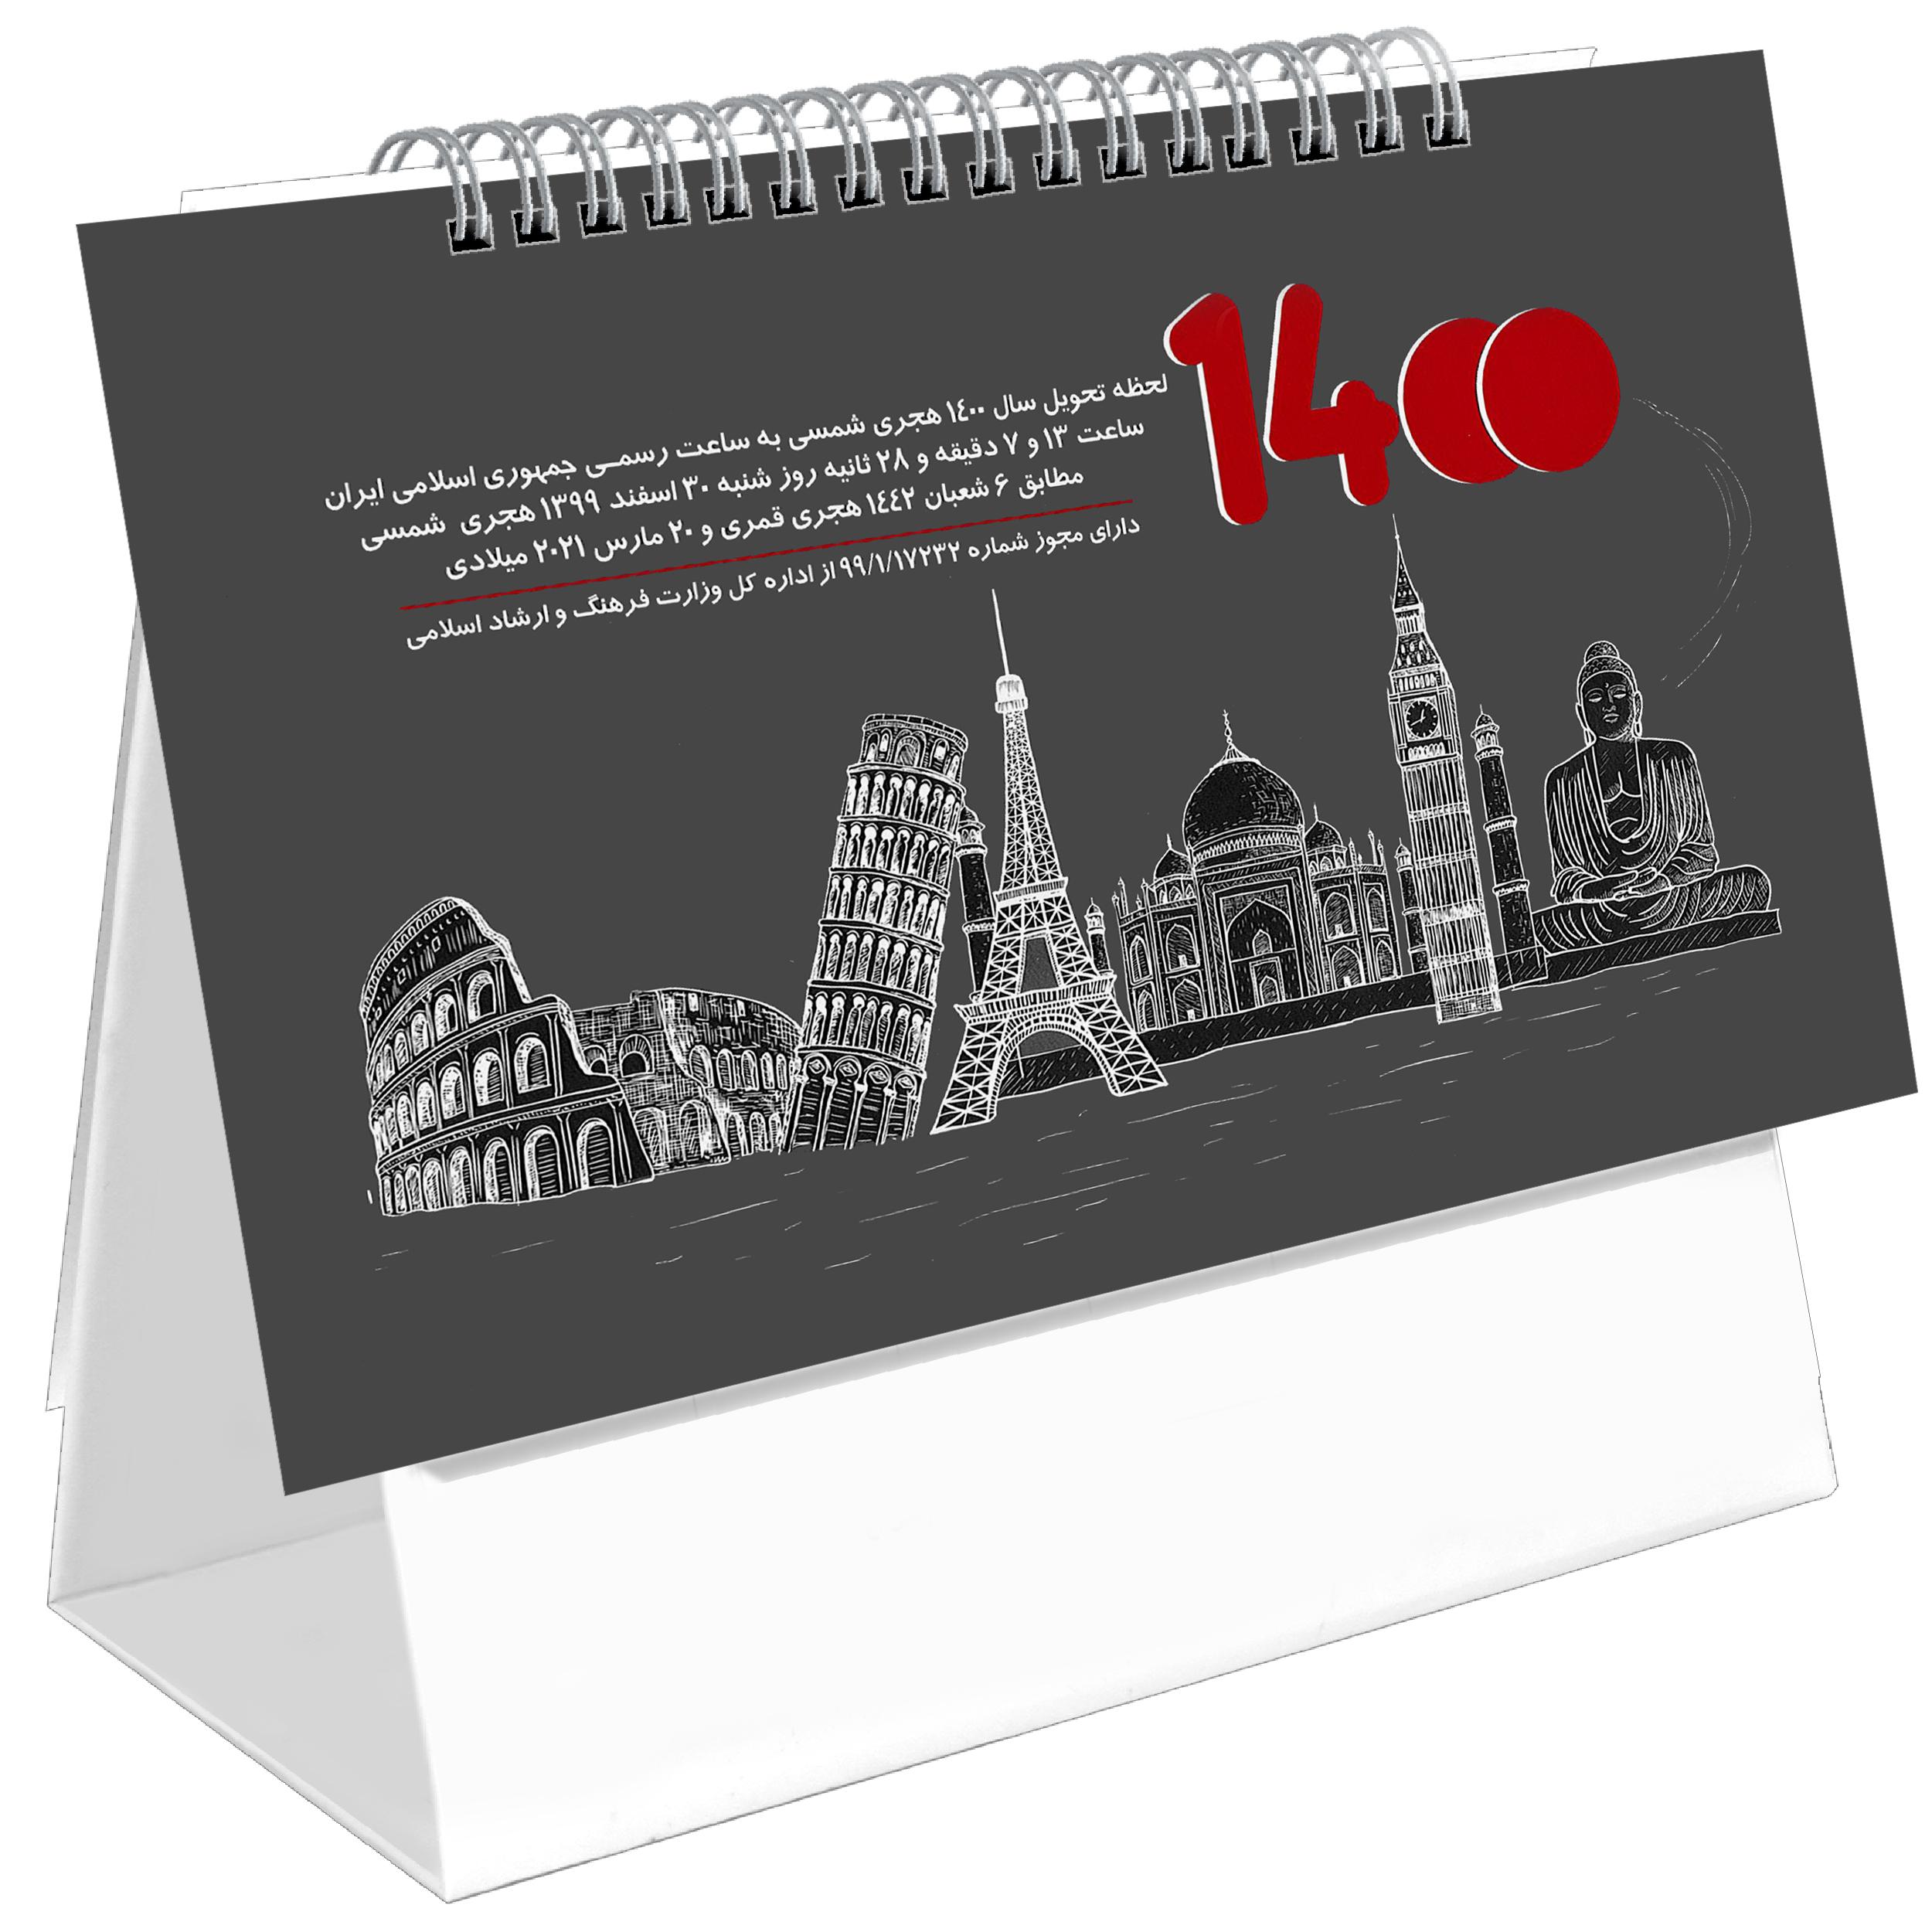 تقویم رومیزی سال 1400 مستر راد طرح اماکن تاریخی جهان مدل 2021 کد 1460